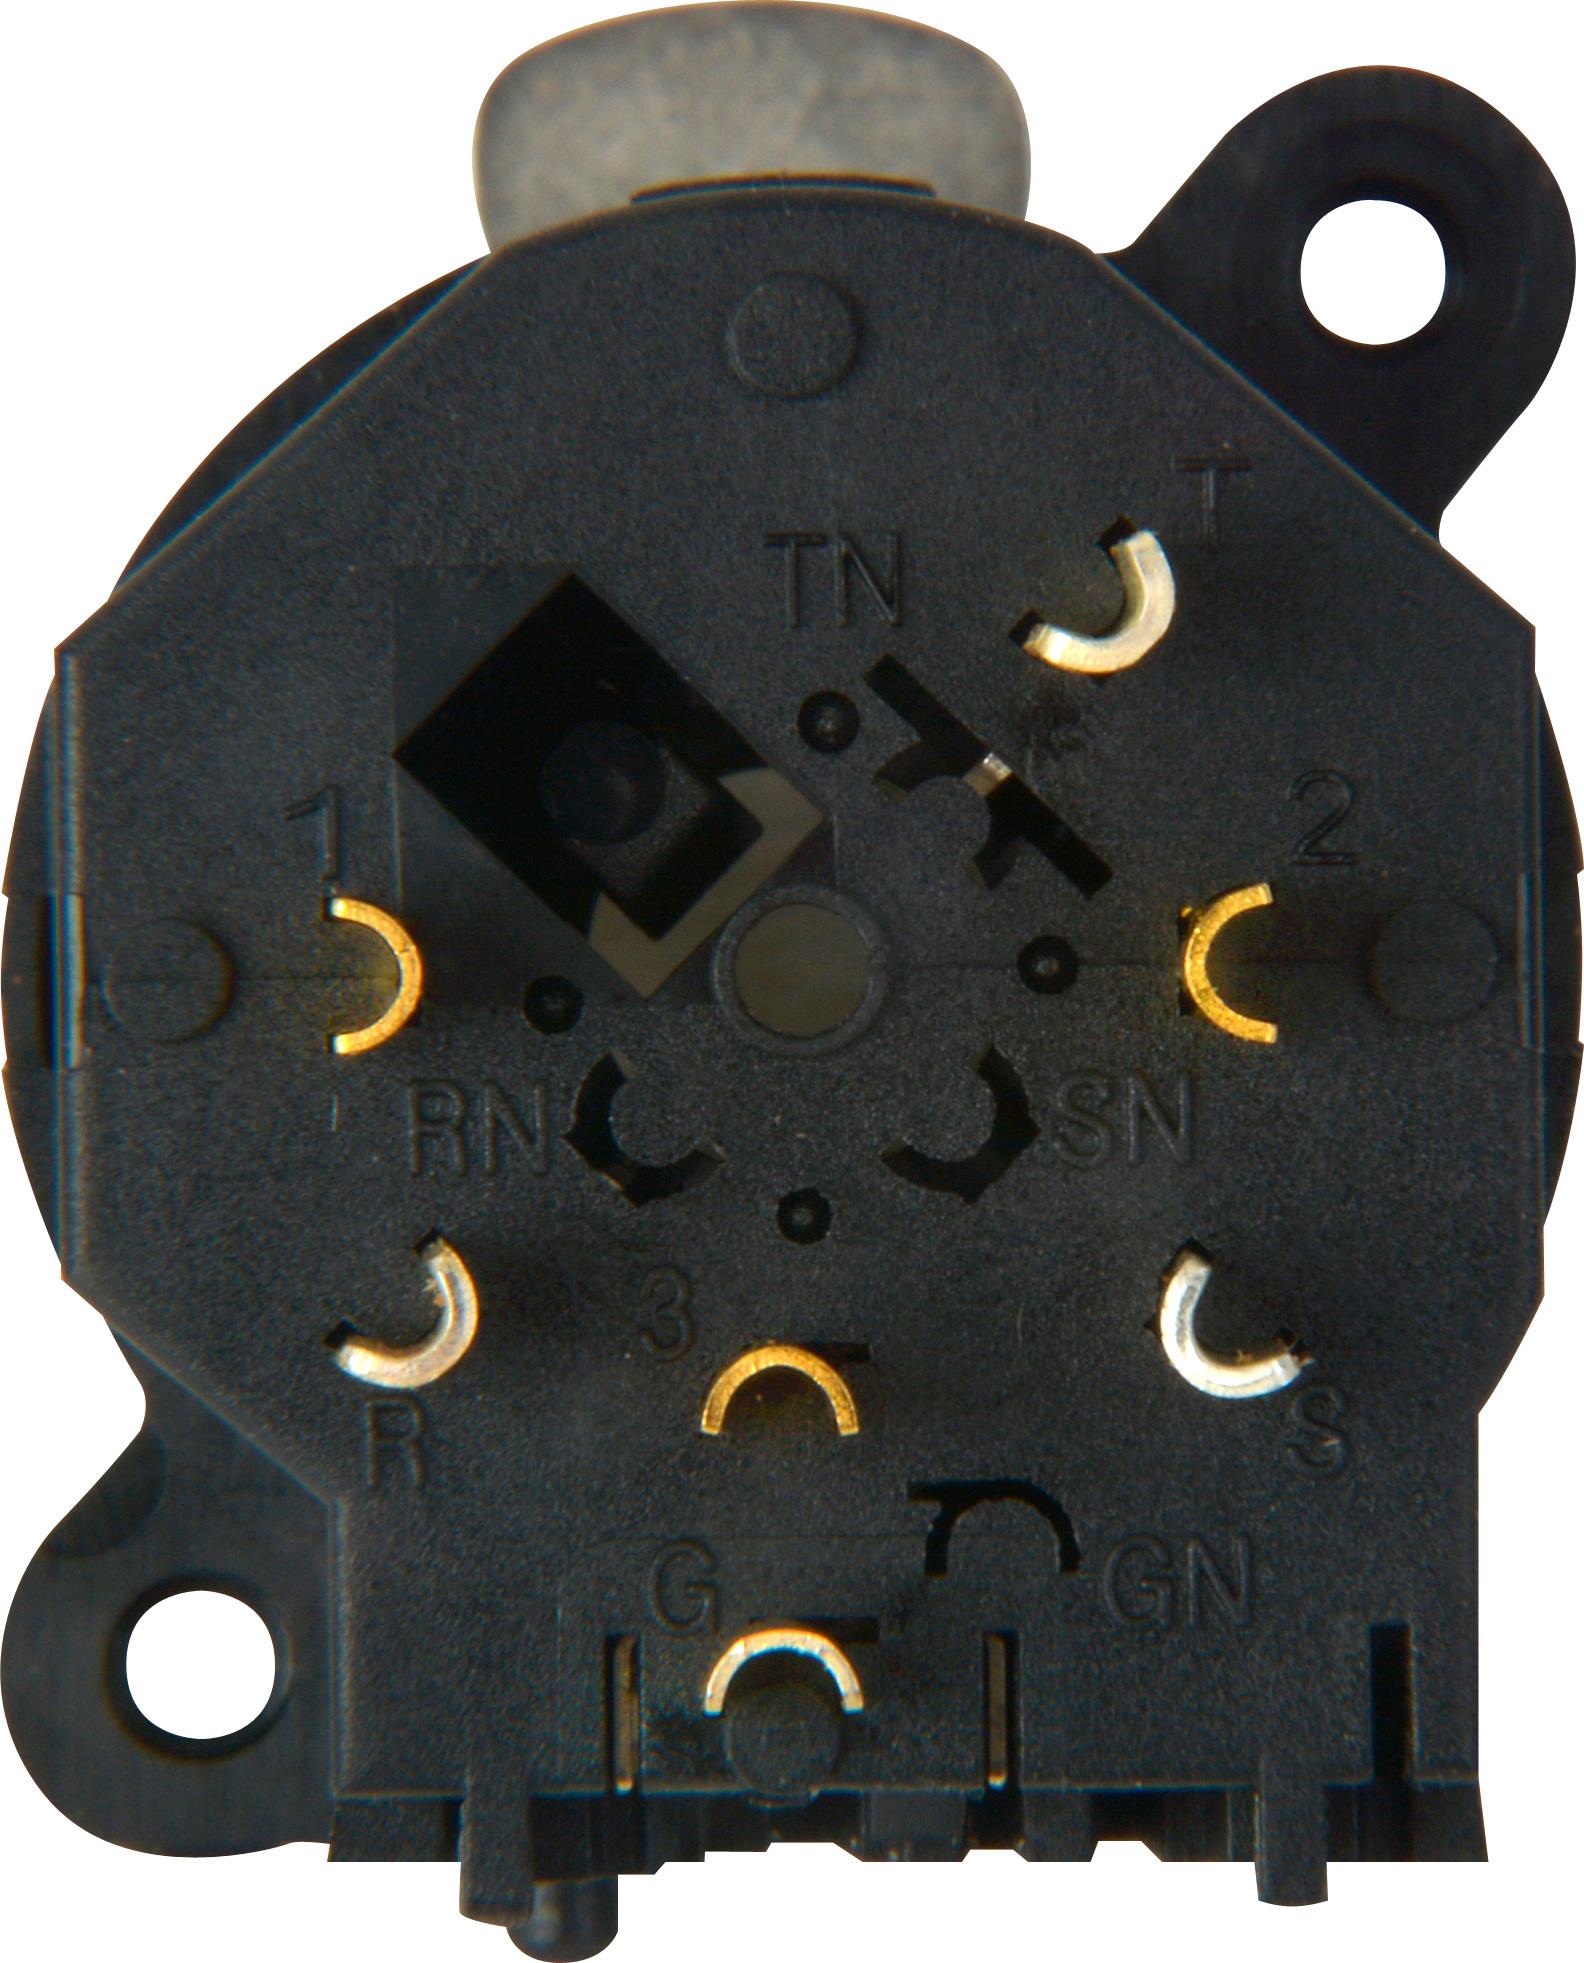 hight resolution of ncj6fi s ncj6fi s rear view ncj6fi s wiring diagram